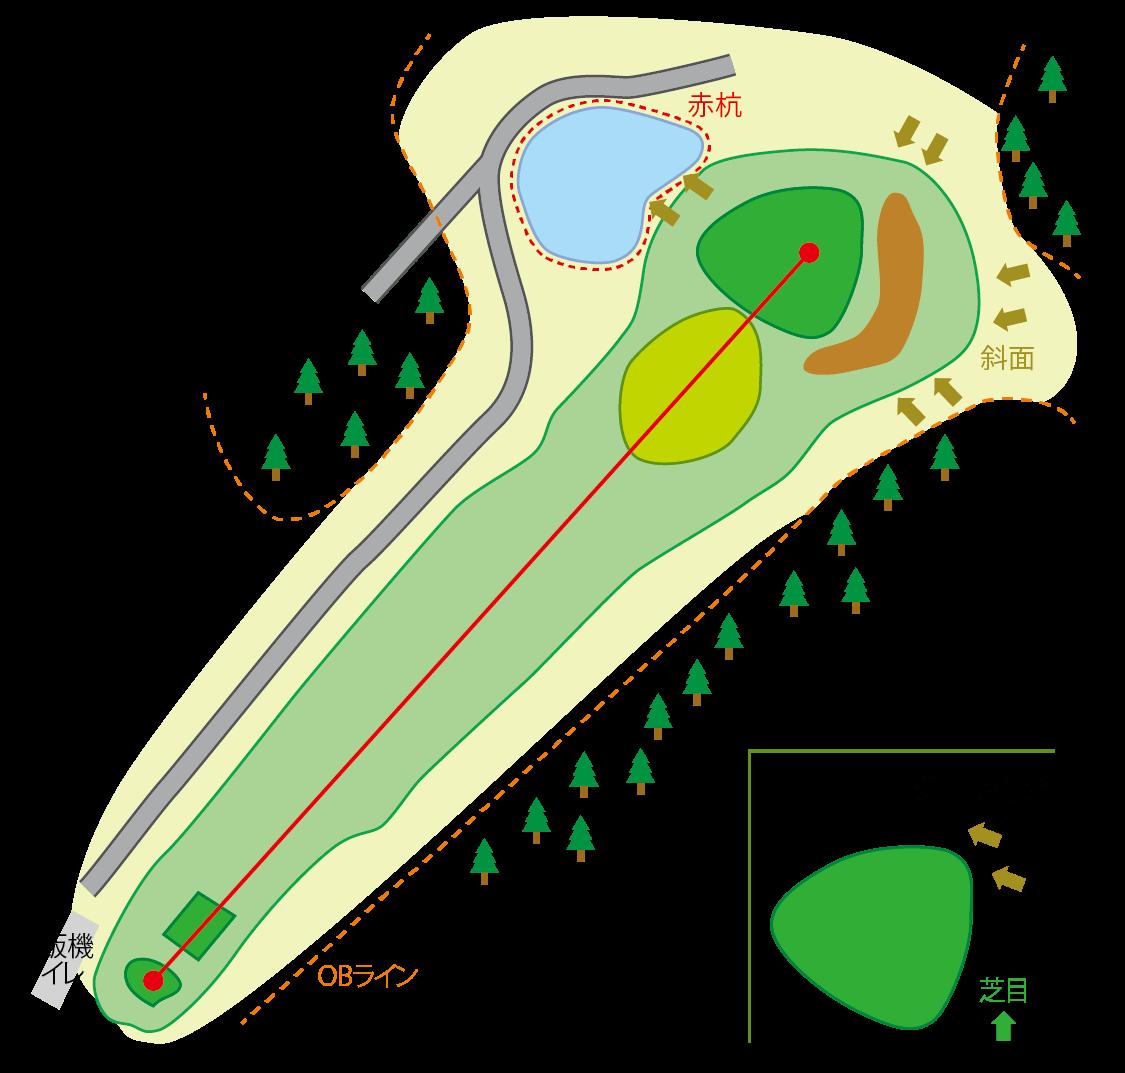 阿賀コース HOLE6のコースマップ